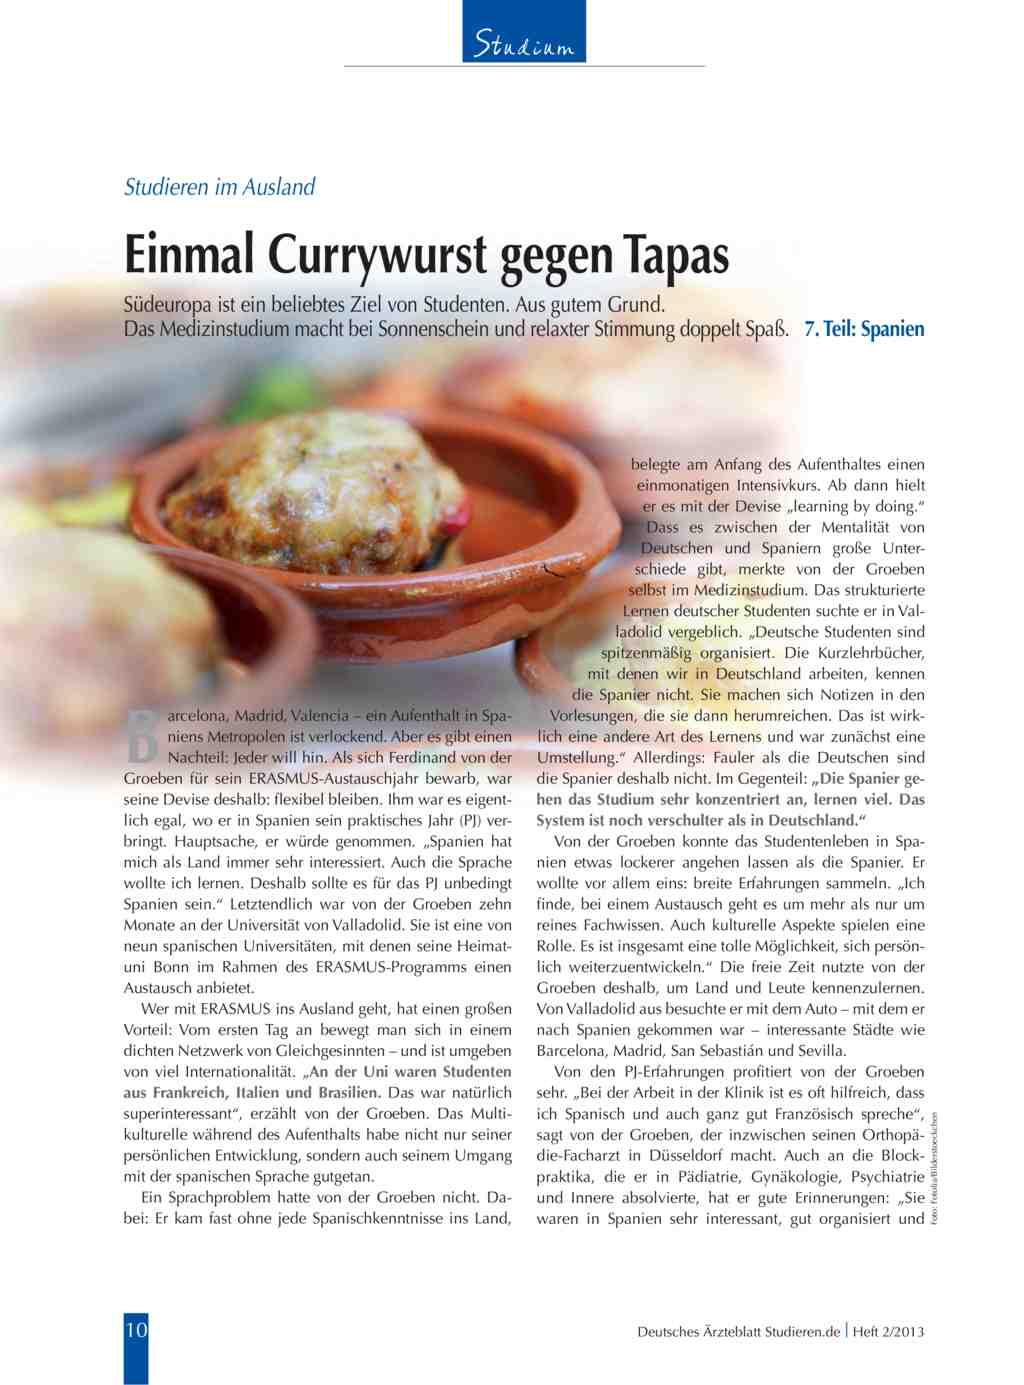 Studieren im ausland einmal currywurst gegen tapas for Studieren im ausland